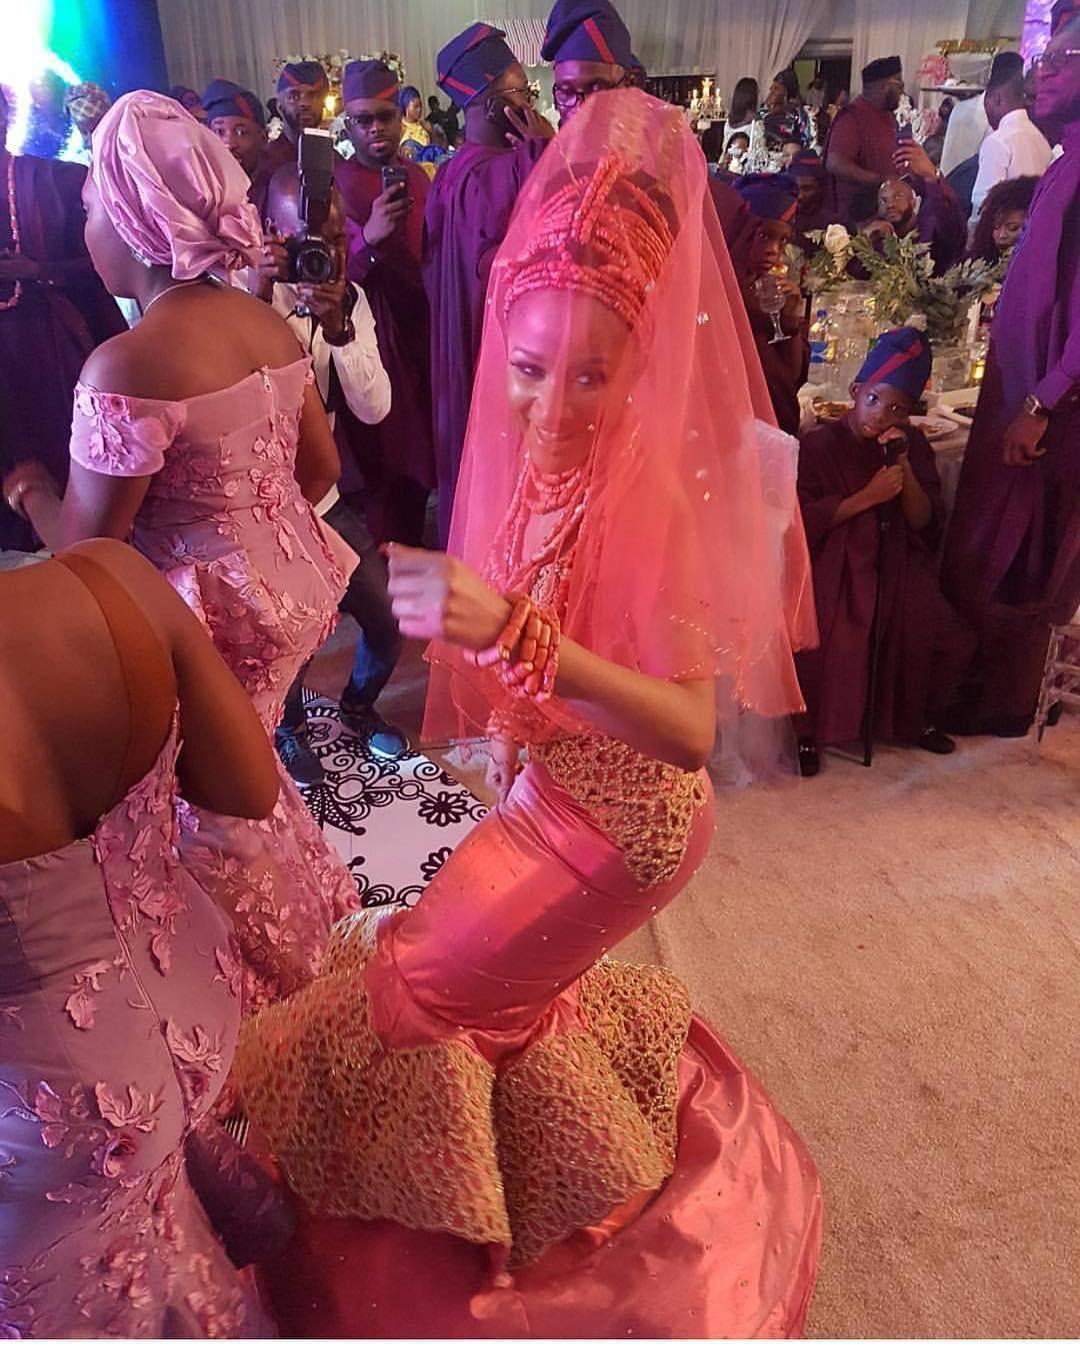 Checkout Adesua Etomi In Her Wedding Regalia [Photos]